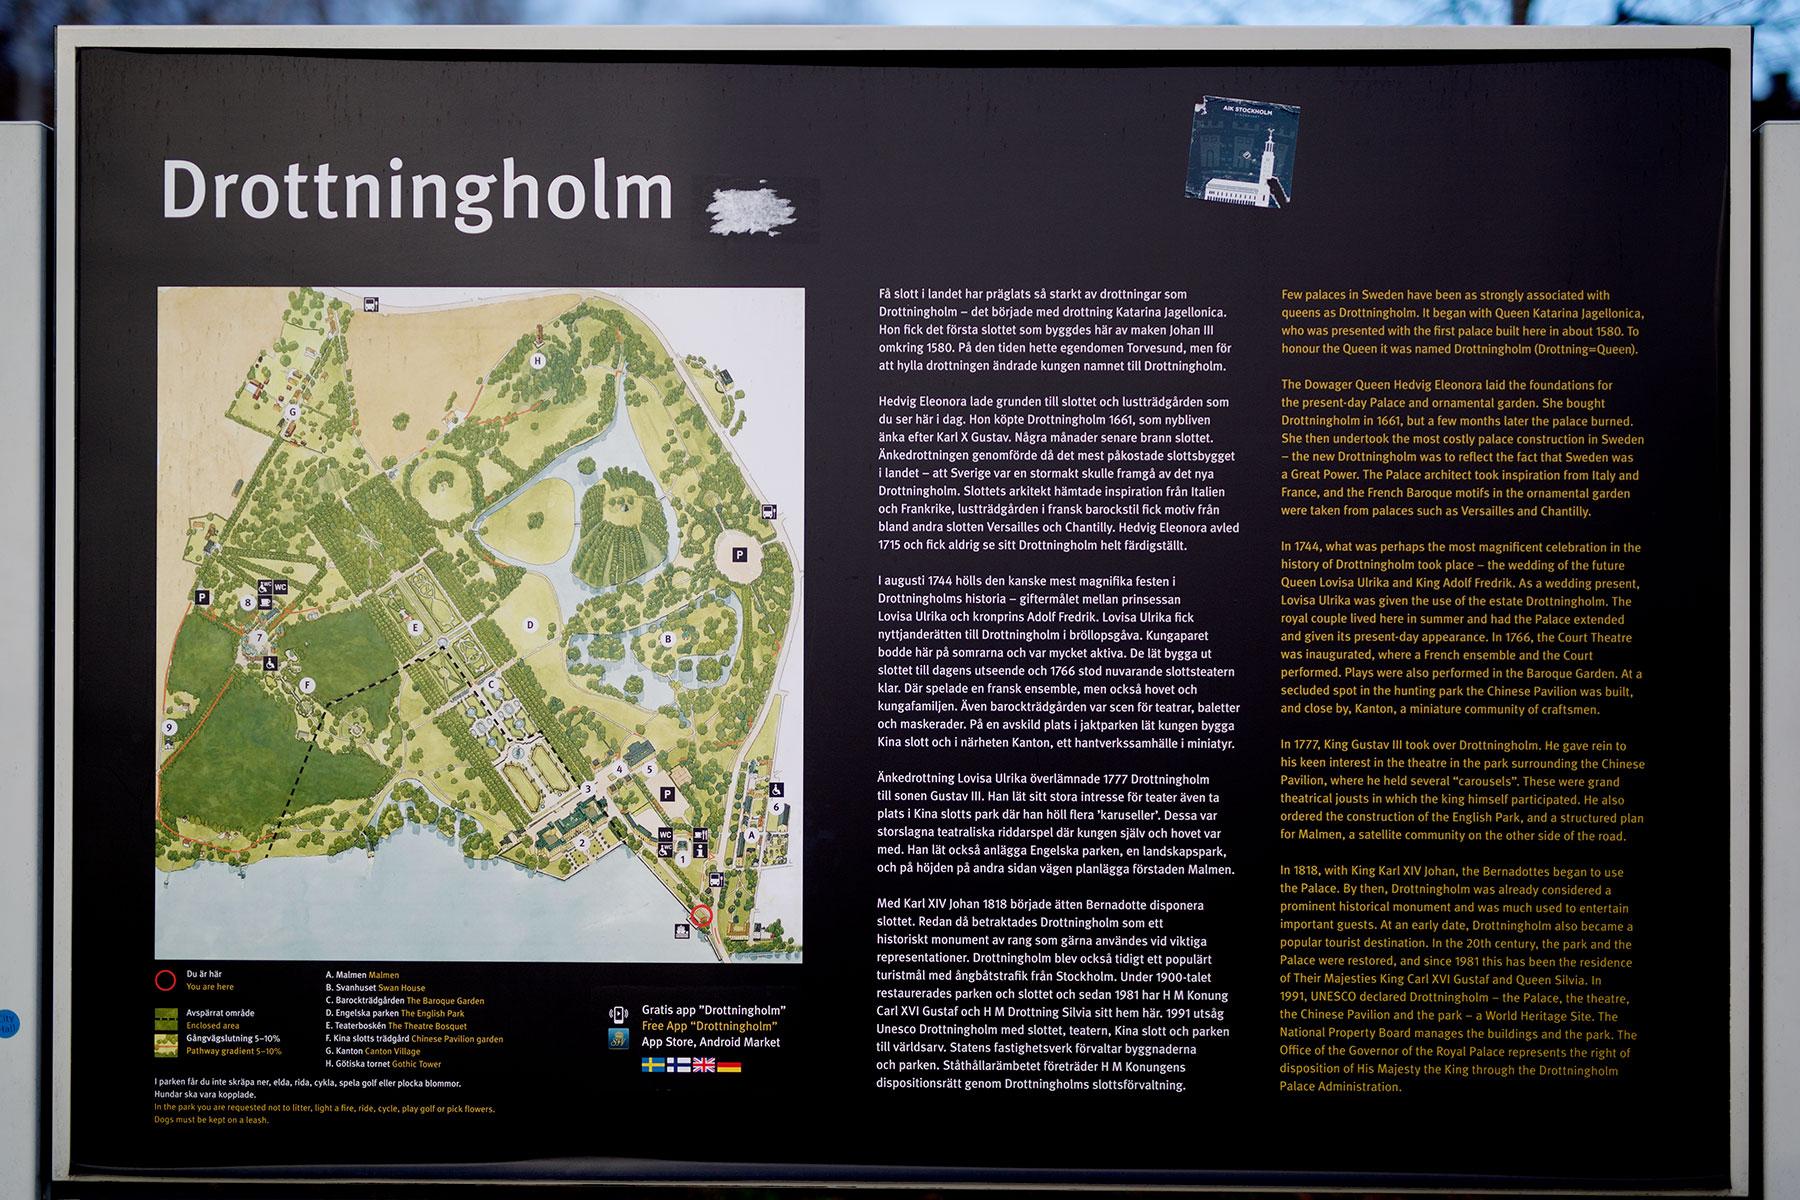 blogg-190217drottningholm4.jpg